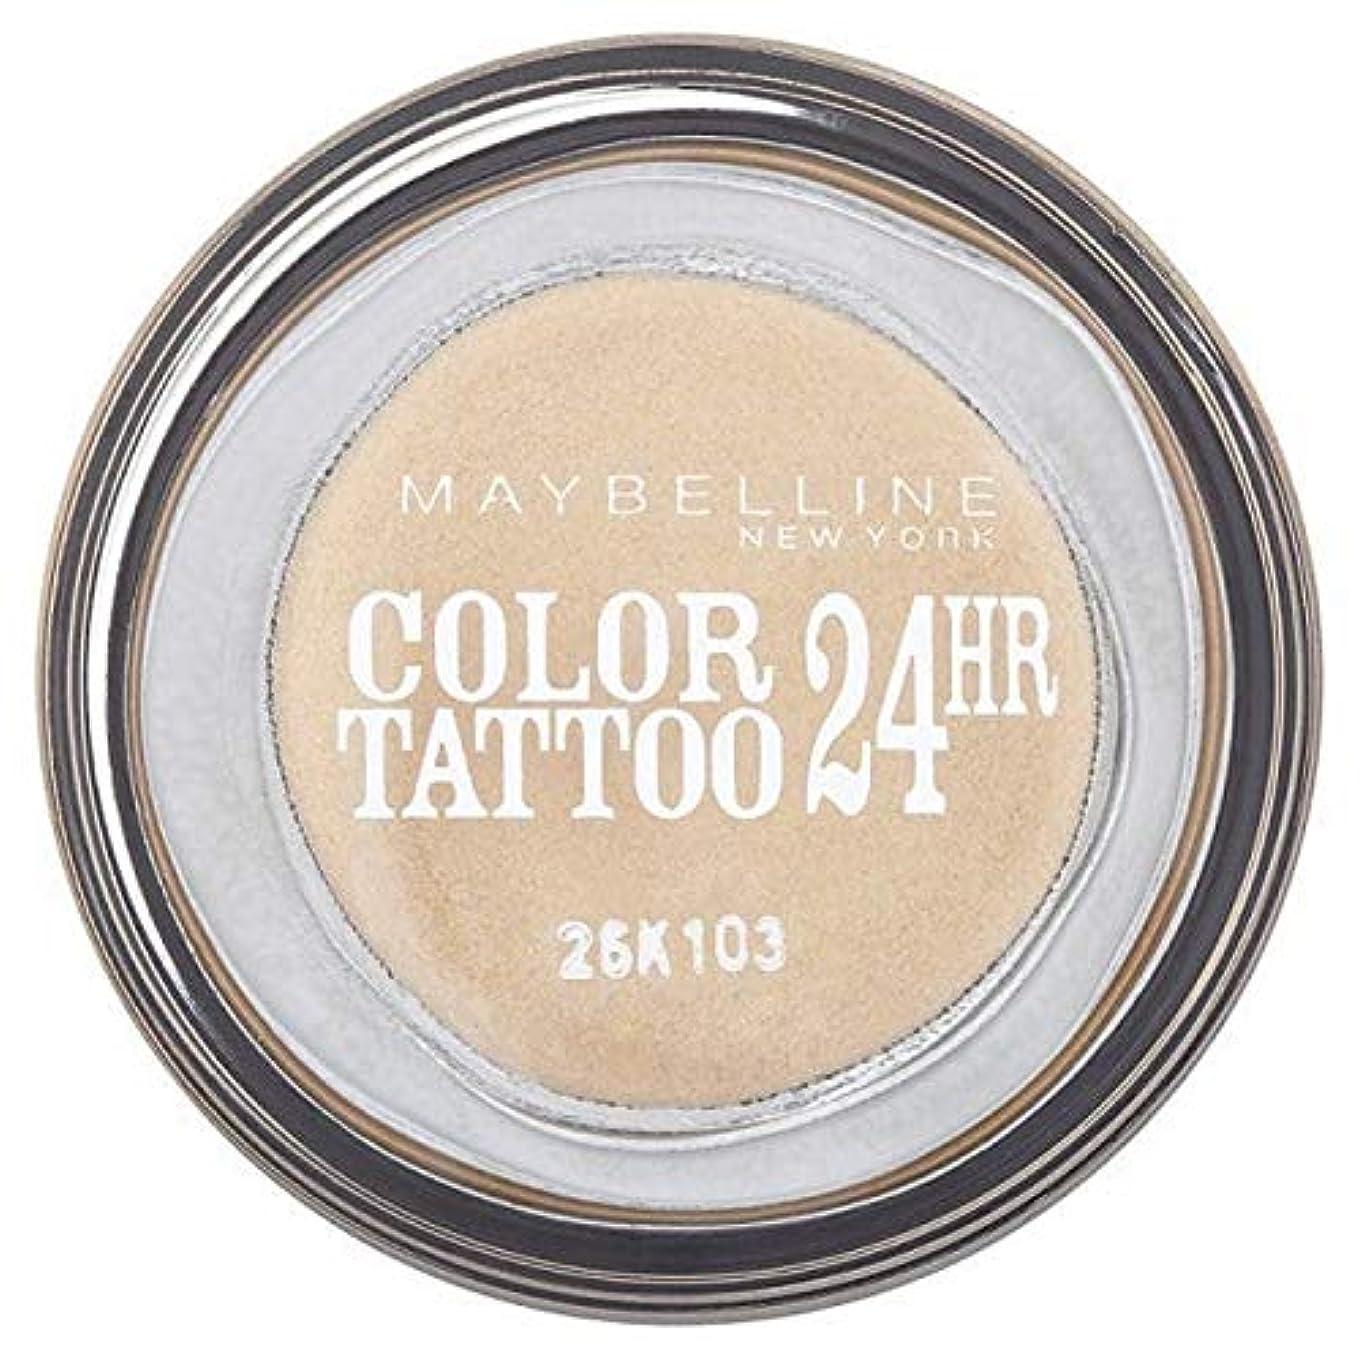 集中的な立ち寄る可能にする[Maybelline ] シングルアイシャドウ05金24時間メイベリンカラータトゥー - Maybelline Color Tattoo 24Hr Single Eyeshadow 05 Gold [並行輸入品]